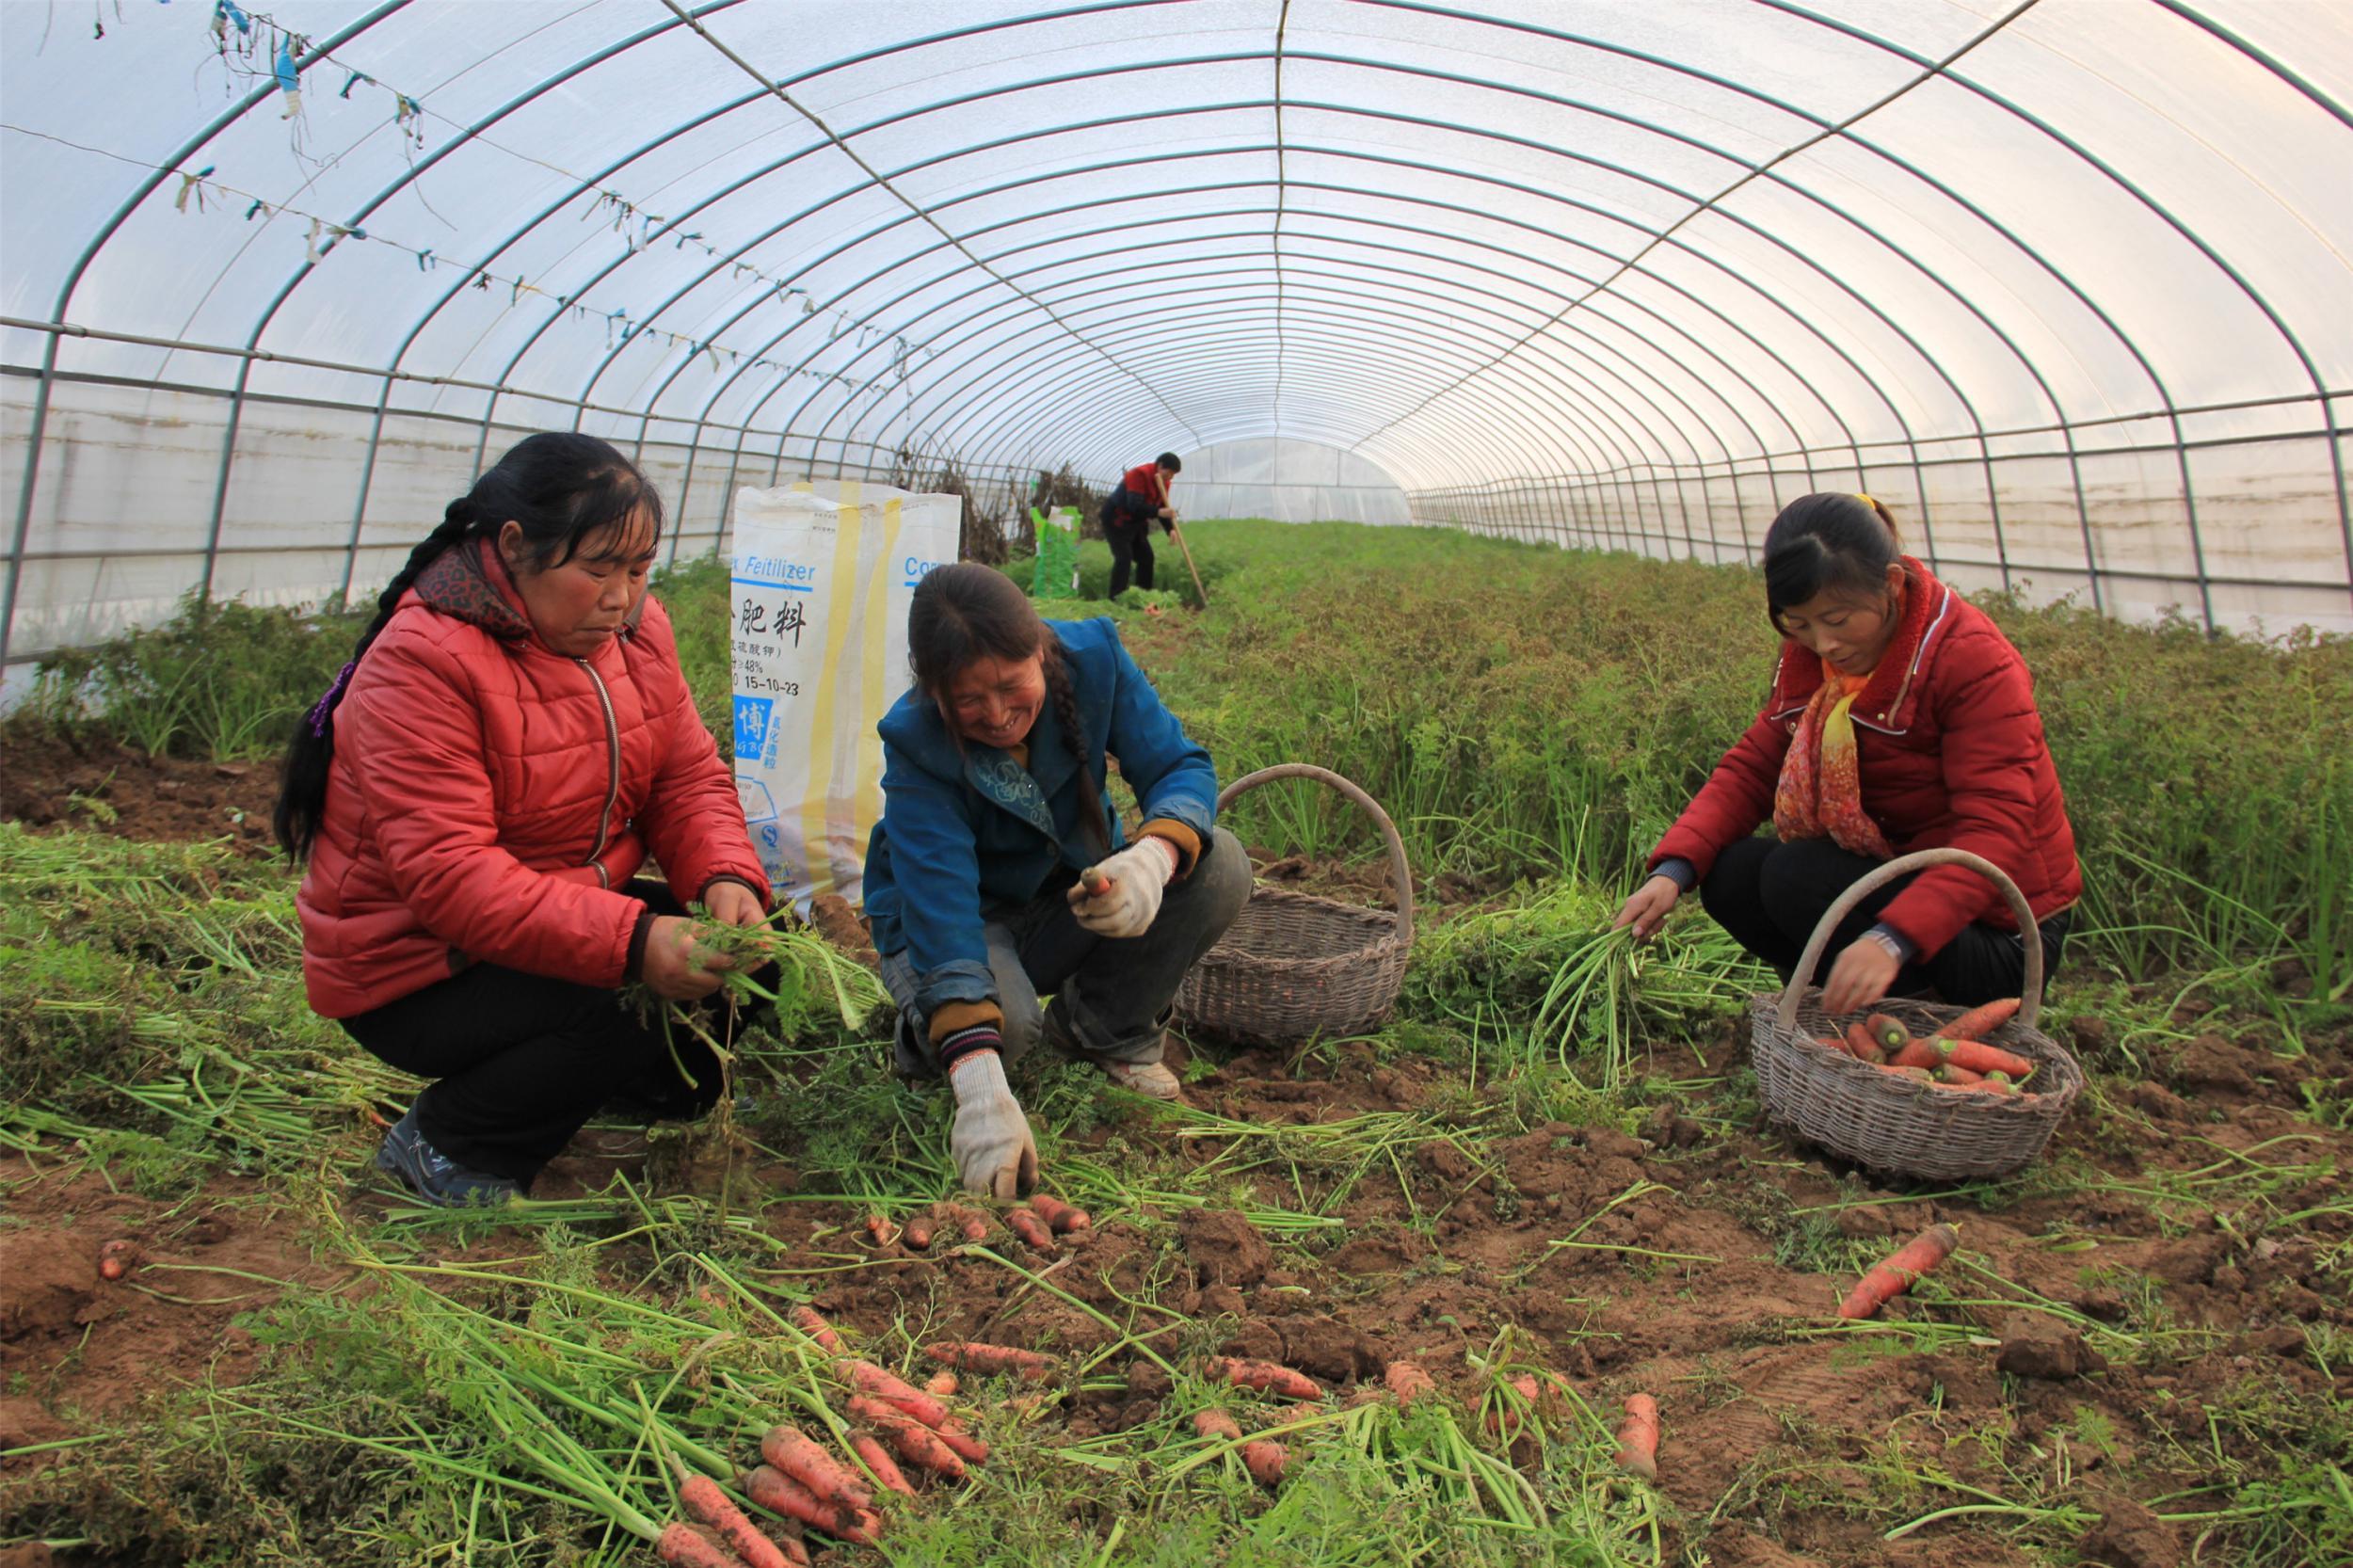 3万亩蔬菜喜获丰收.图为汭丰乡枣林子村农民正在收获成熟的红萝卜.